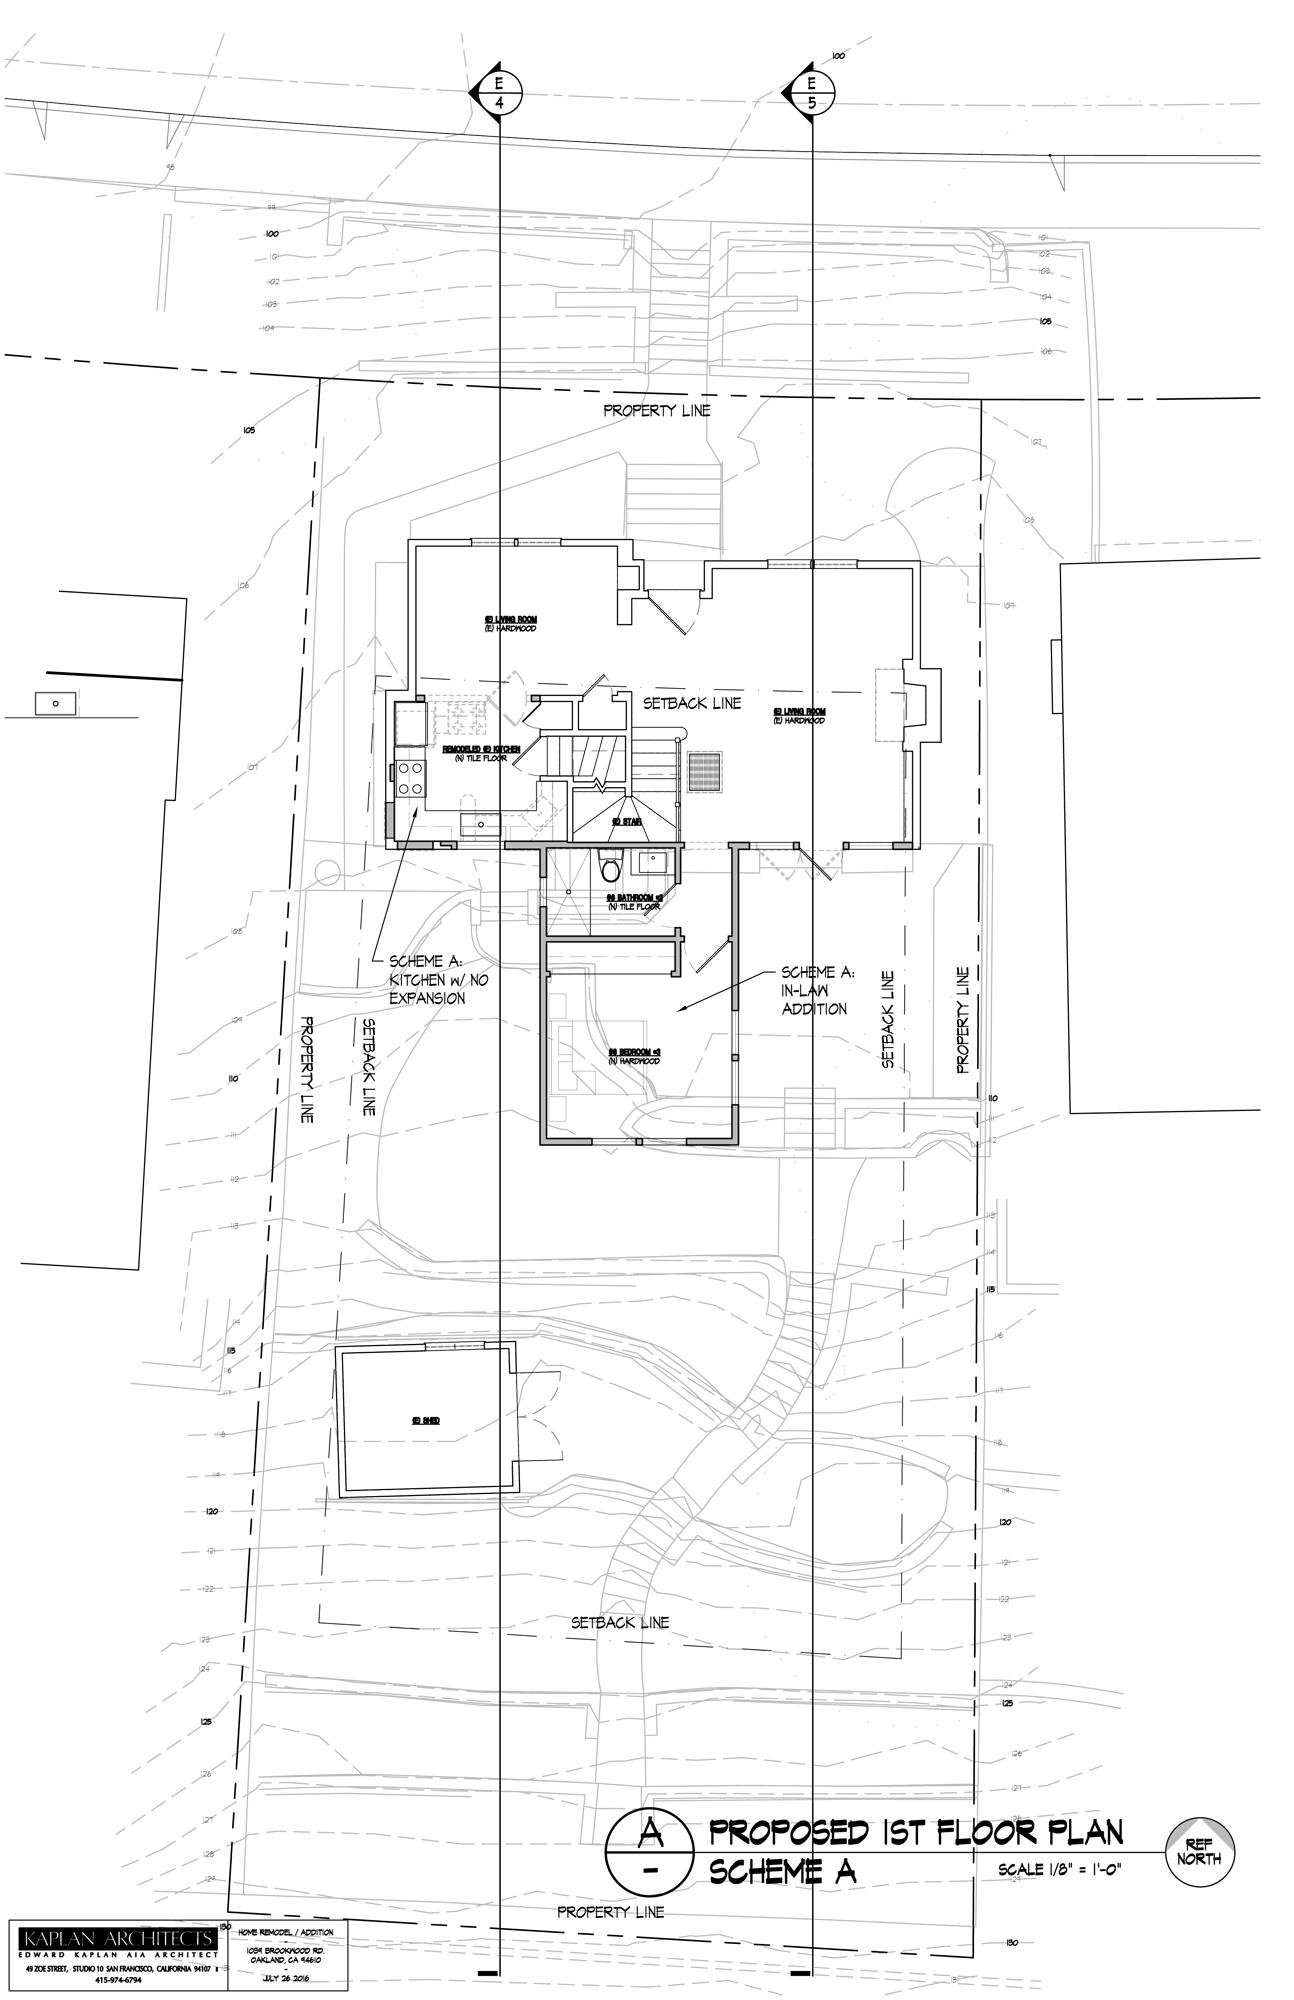 Master-Plan-Scheme-A.jpg